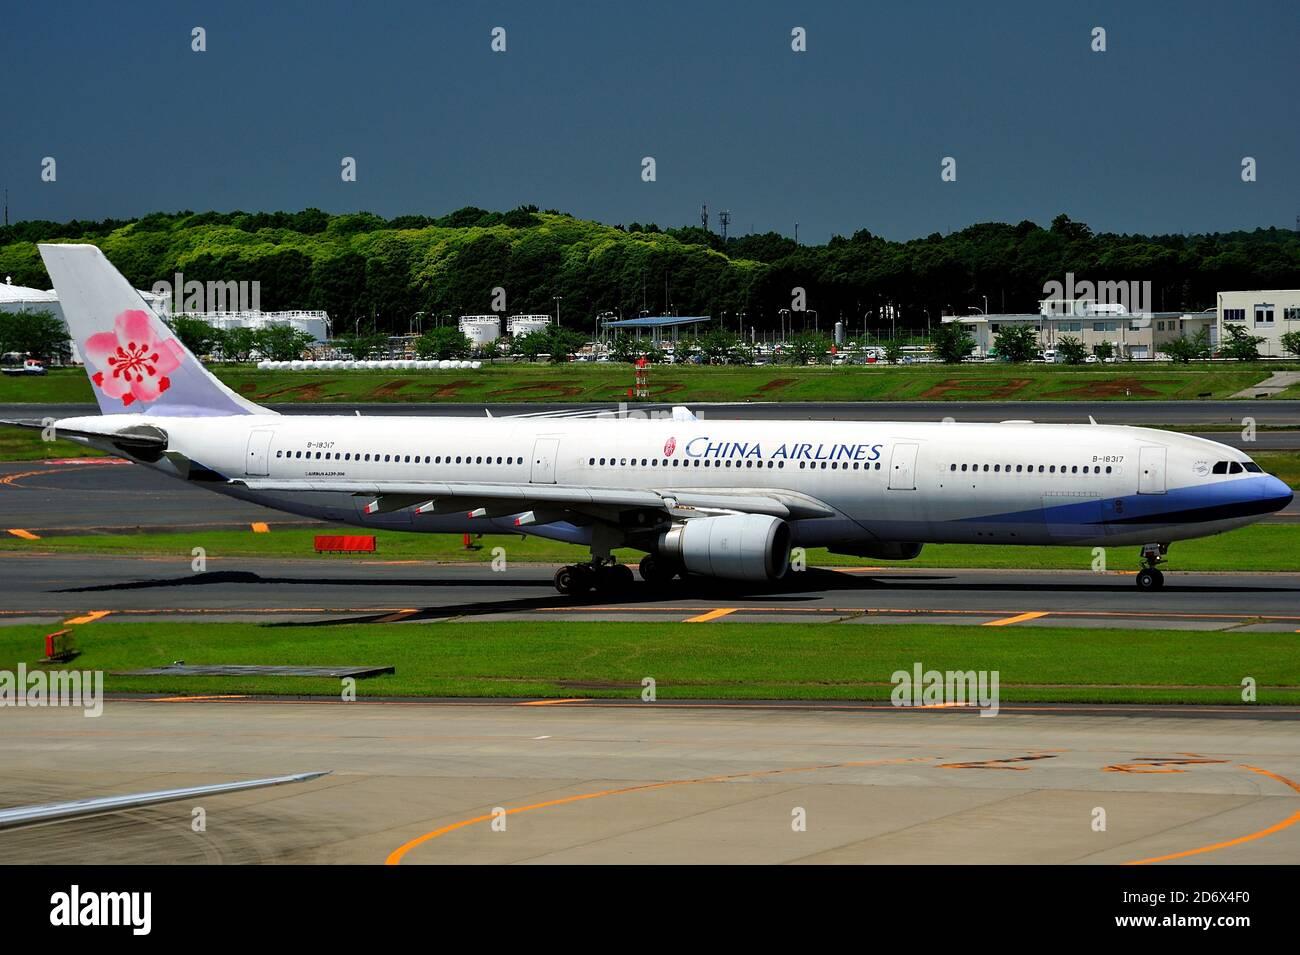 China Airlines-Taiwan, Airbus,A330-300, B-18317, Taxi, Narita Airport, Chiba, Japan Stock Photo